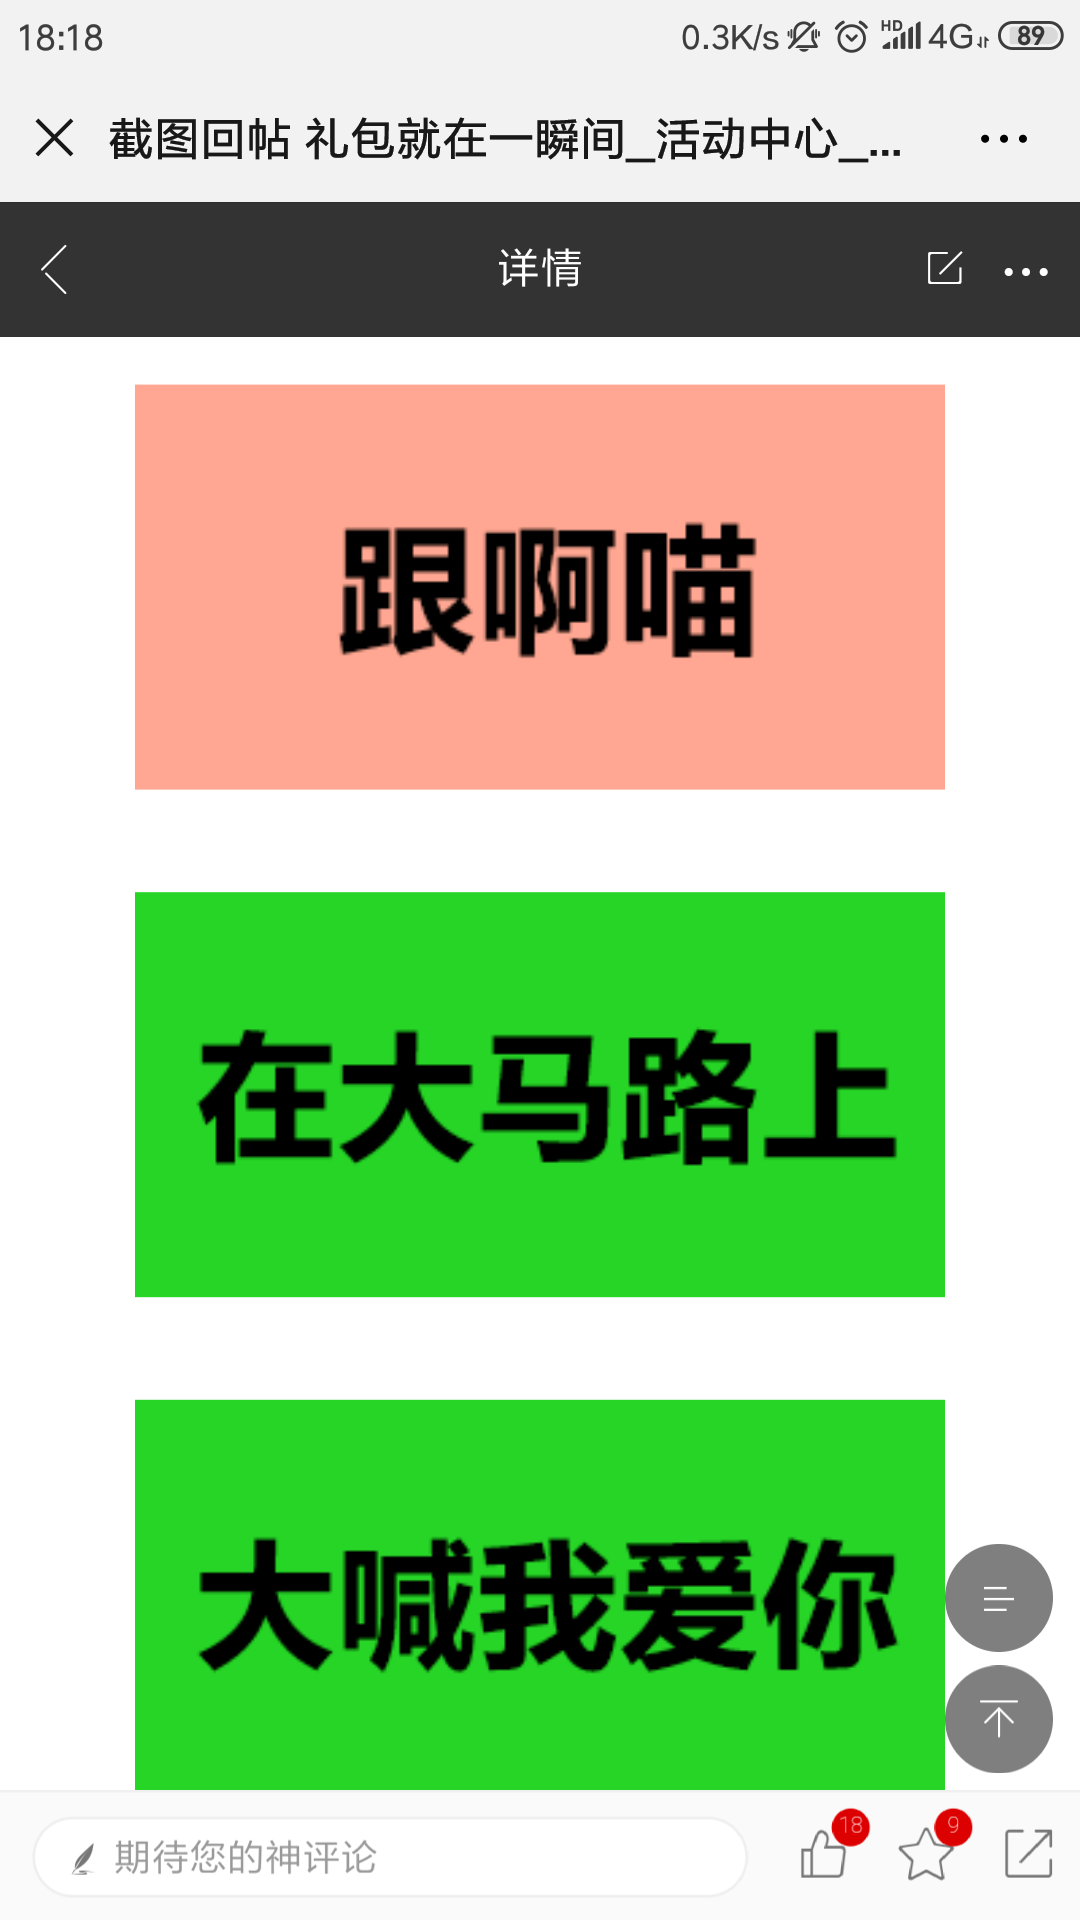 Screenshot_2019-07-25-18-18-31-491_com.tencent.mm.png